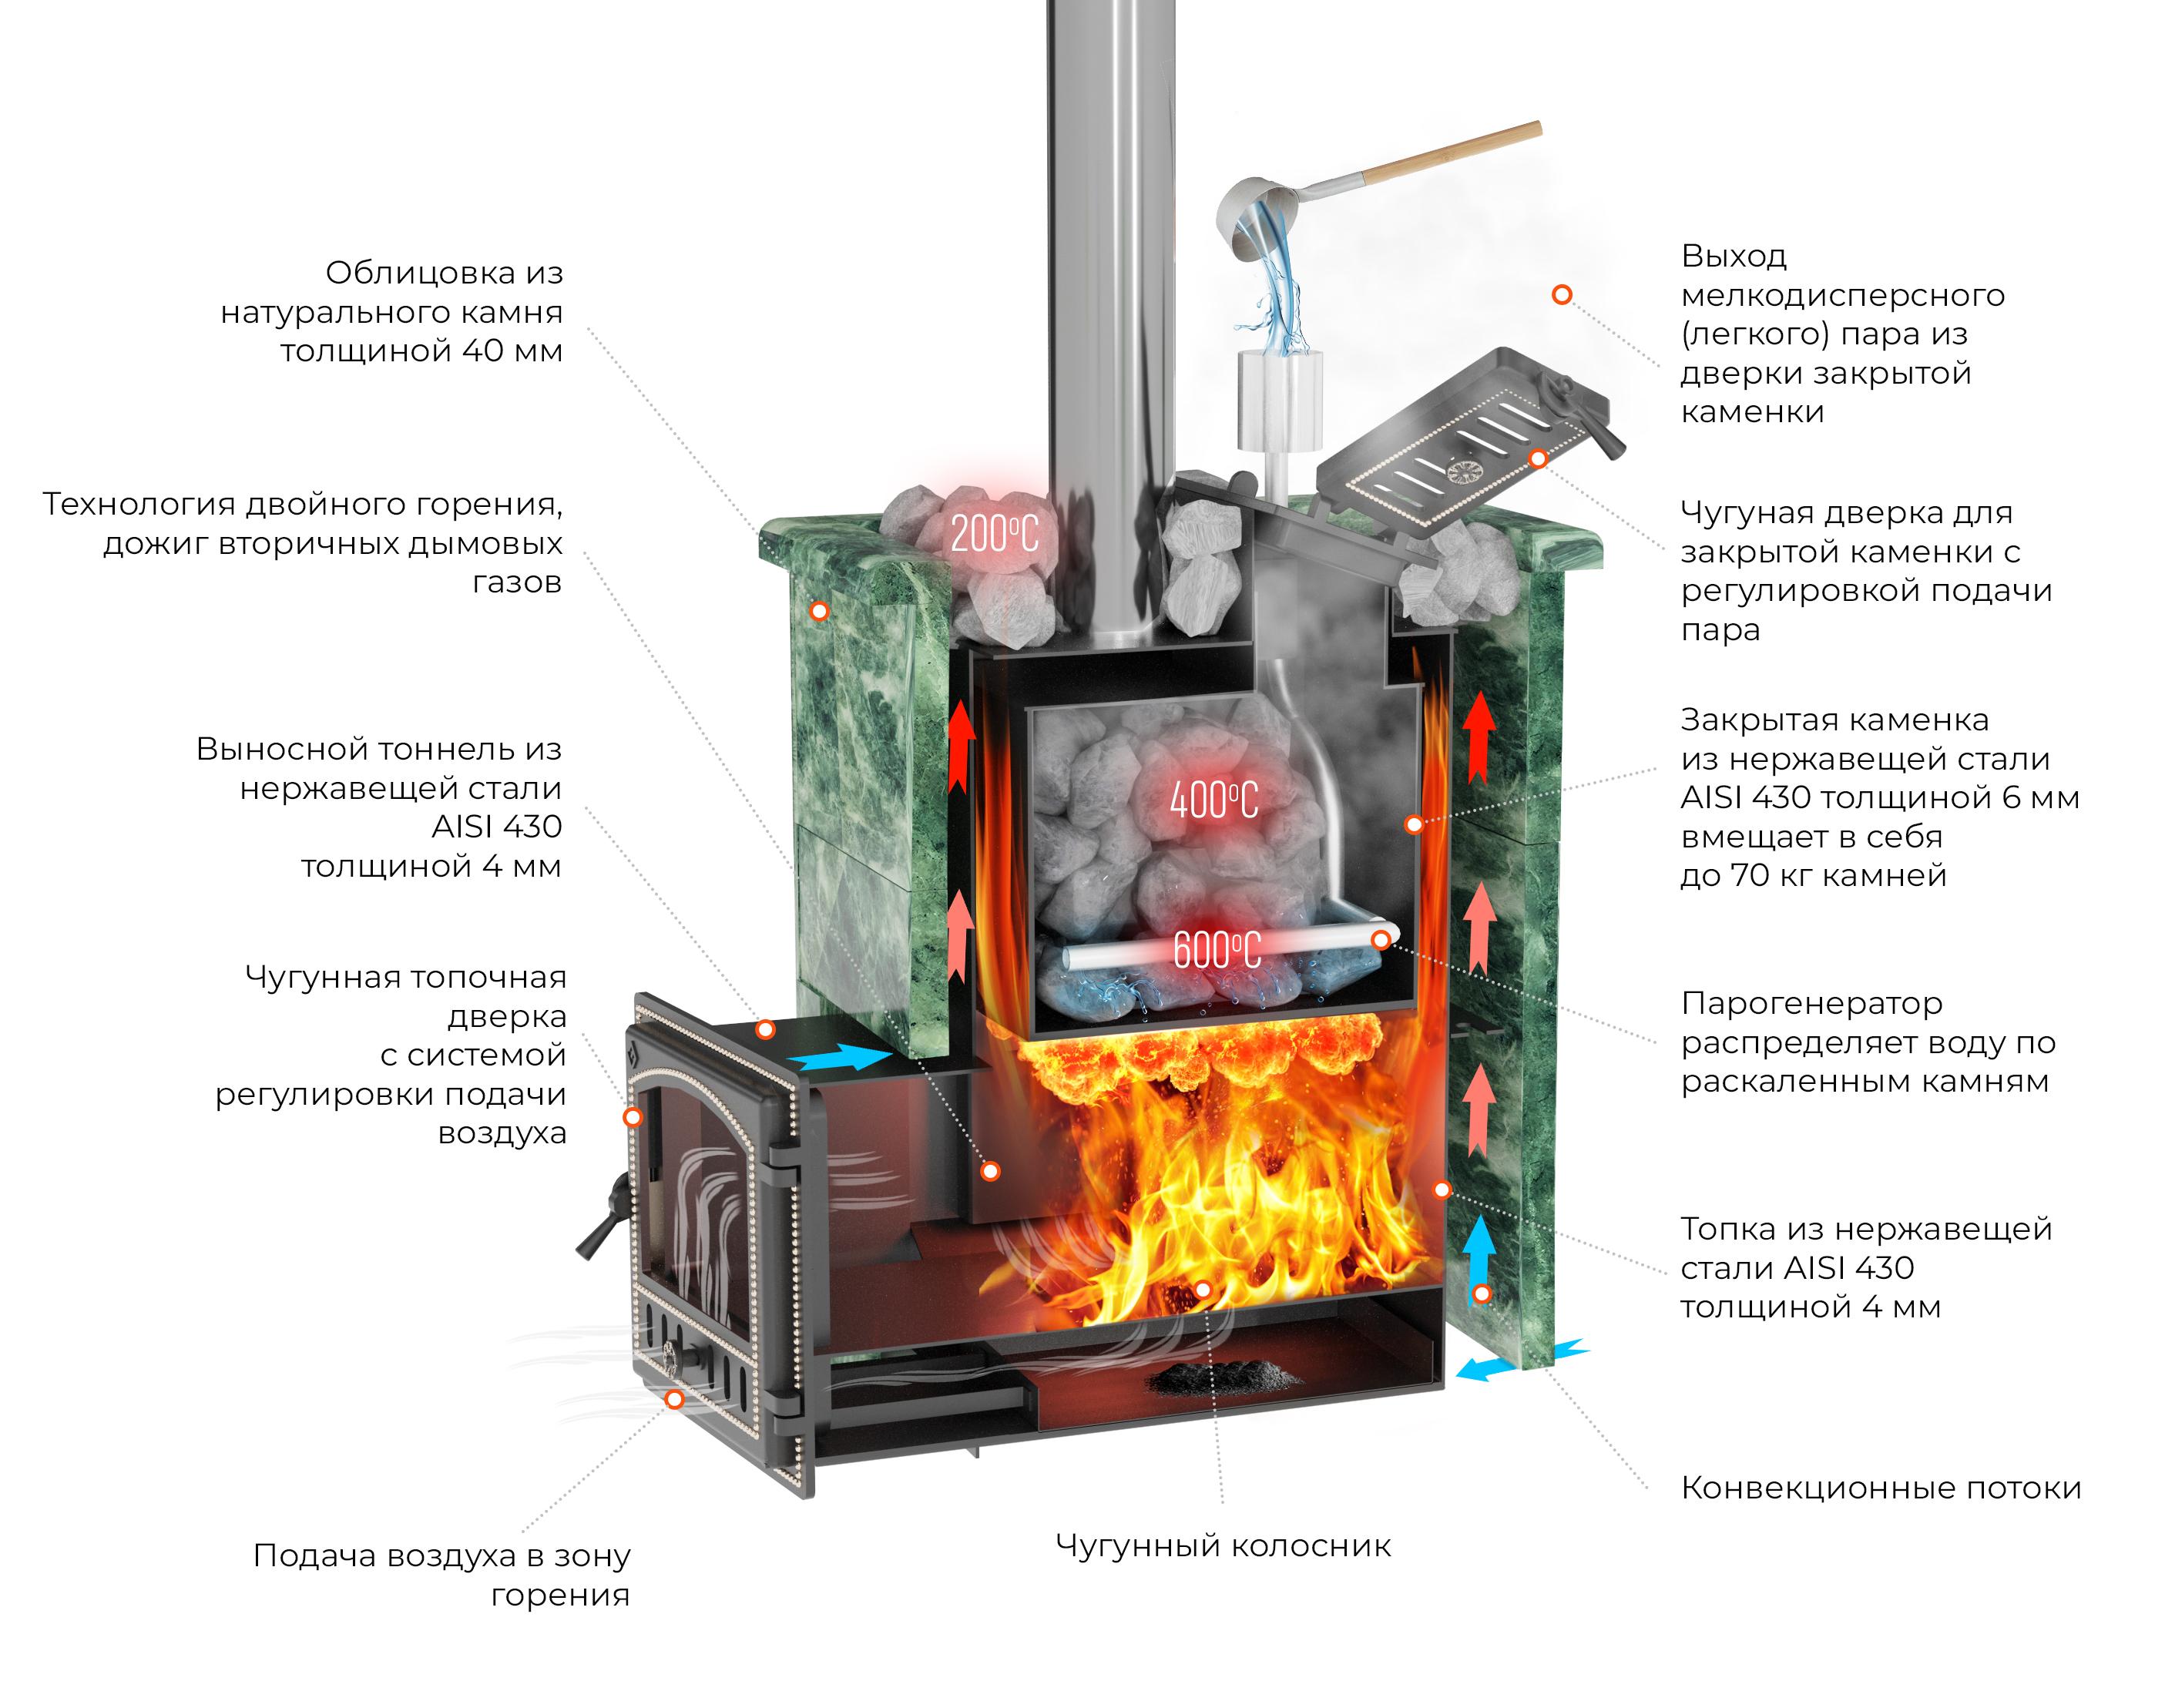 Печь для бани из нержавеющей стали AISI 430 Эверест INOX 20 (281) Ковка